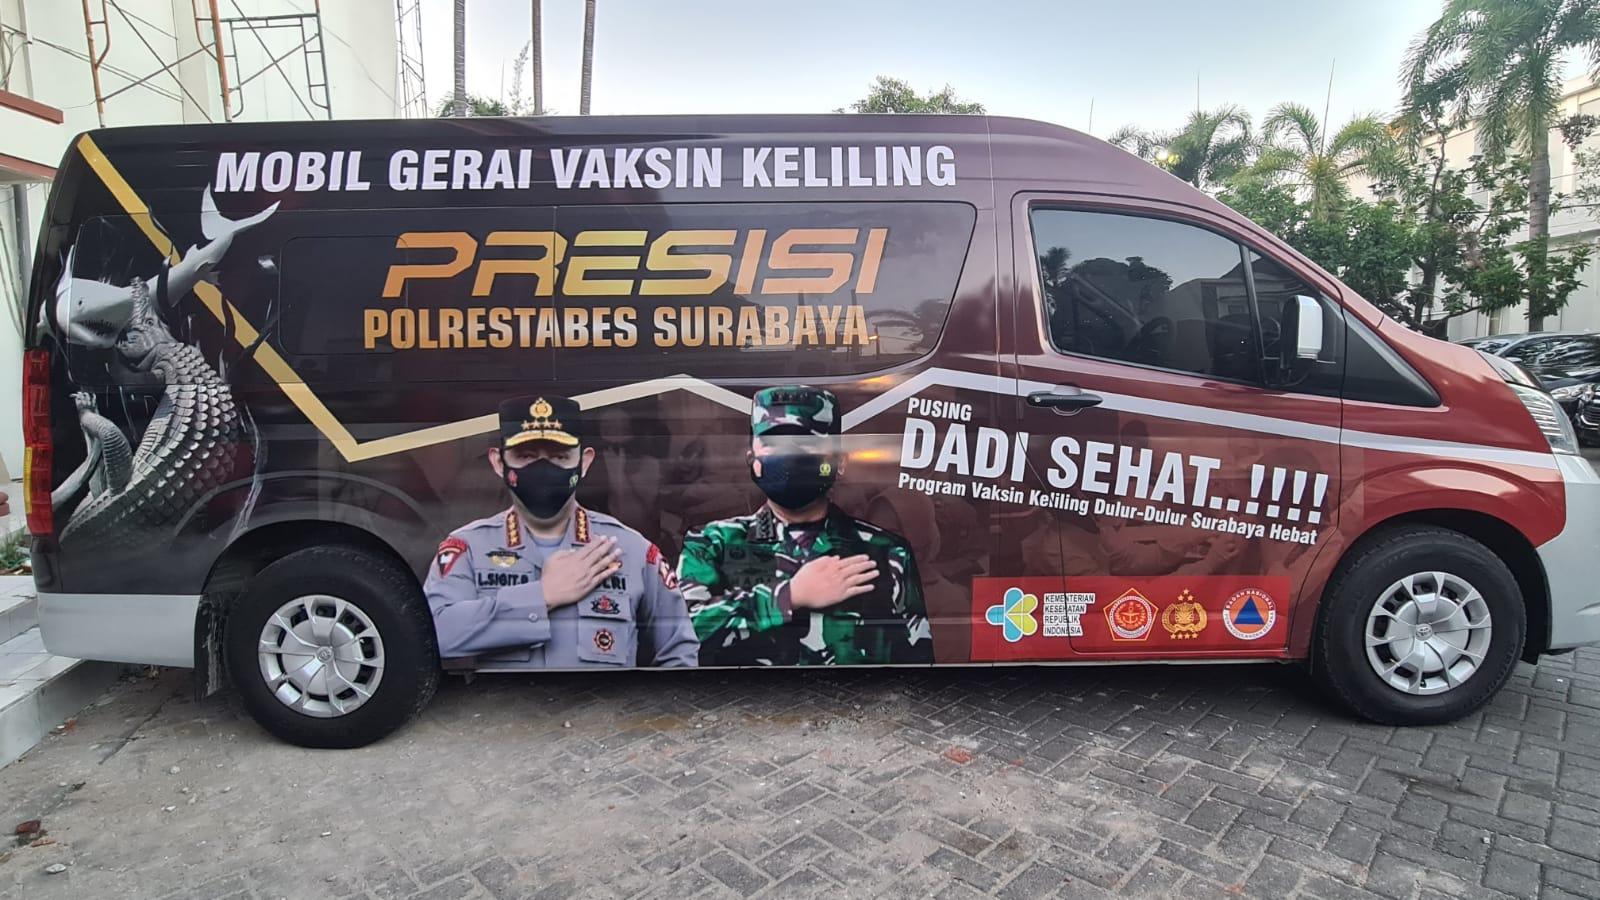 Polrestabes Surabaya Luncurkan Mobil Vaksin Presisi Keliling | Memo Surabaya